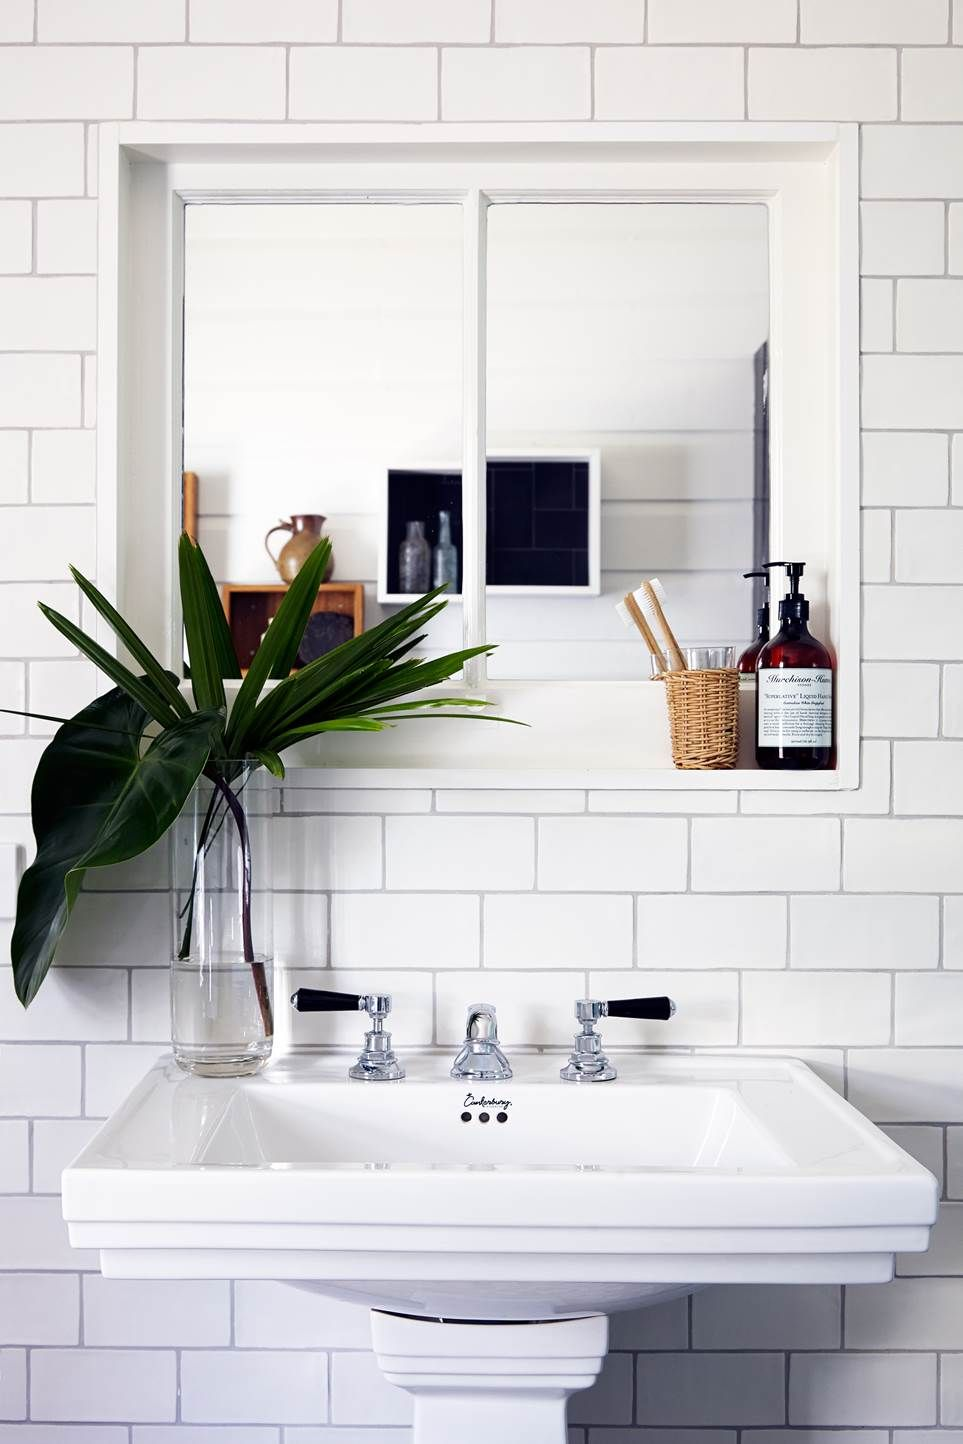 brisbane cottage eco bathroom renovation with images on bathroom renovation ideas australia id=45758